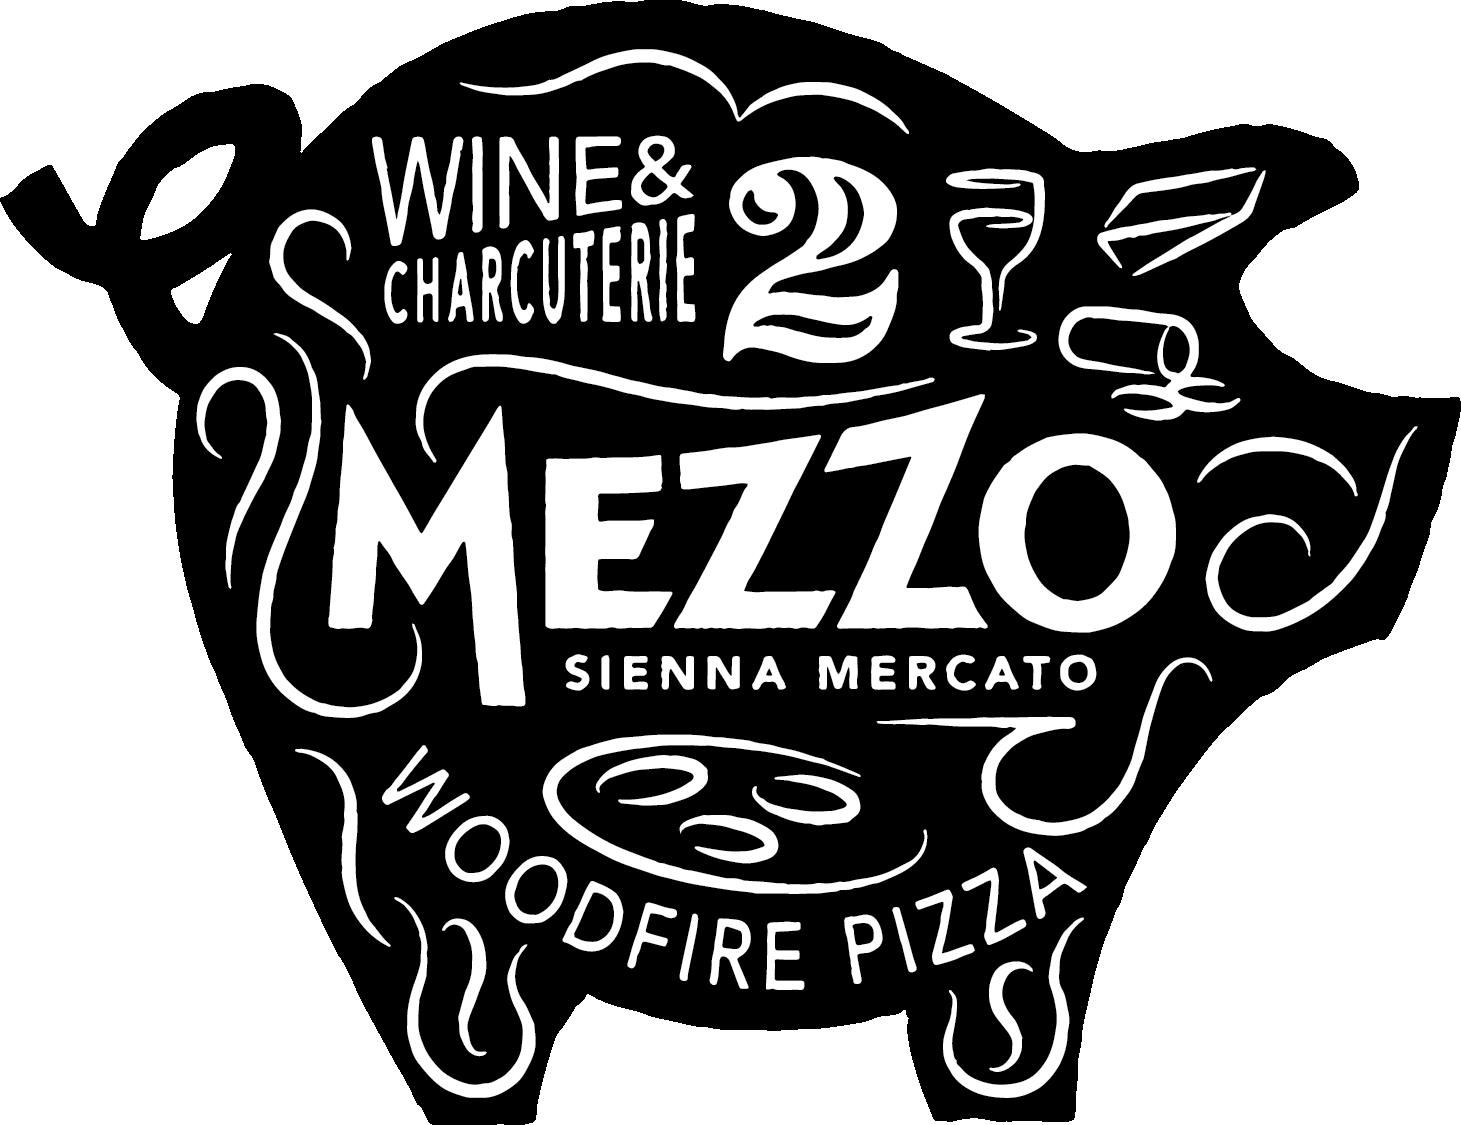 Mezzo at Sienna Mercato logo